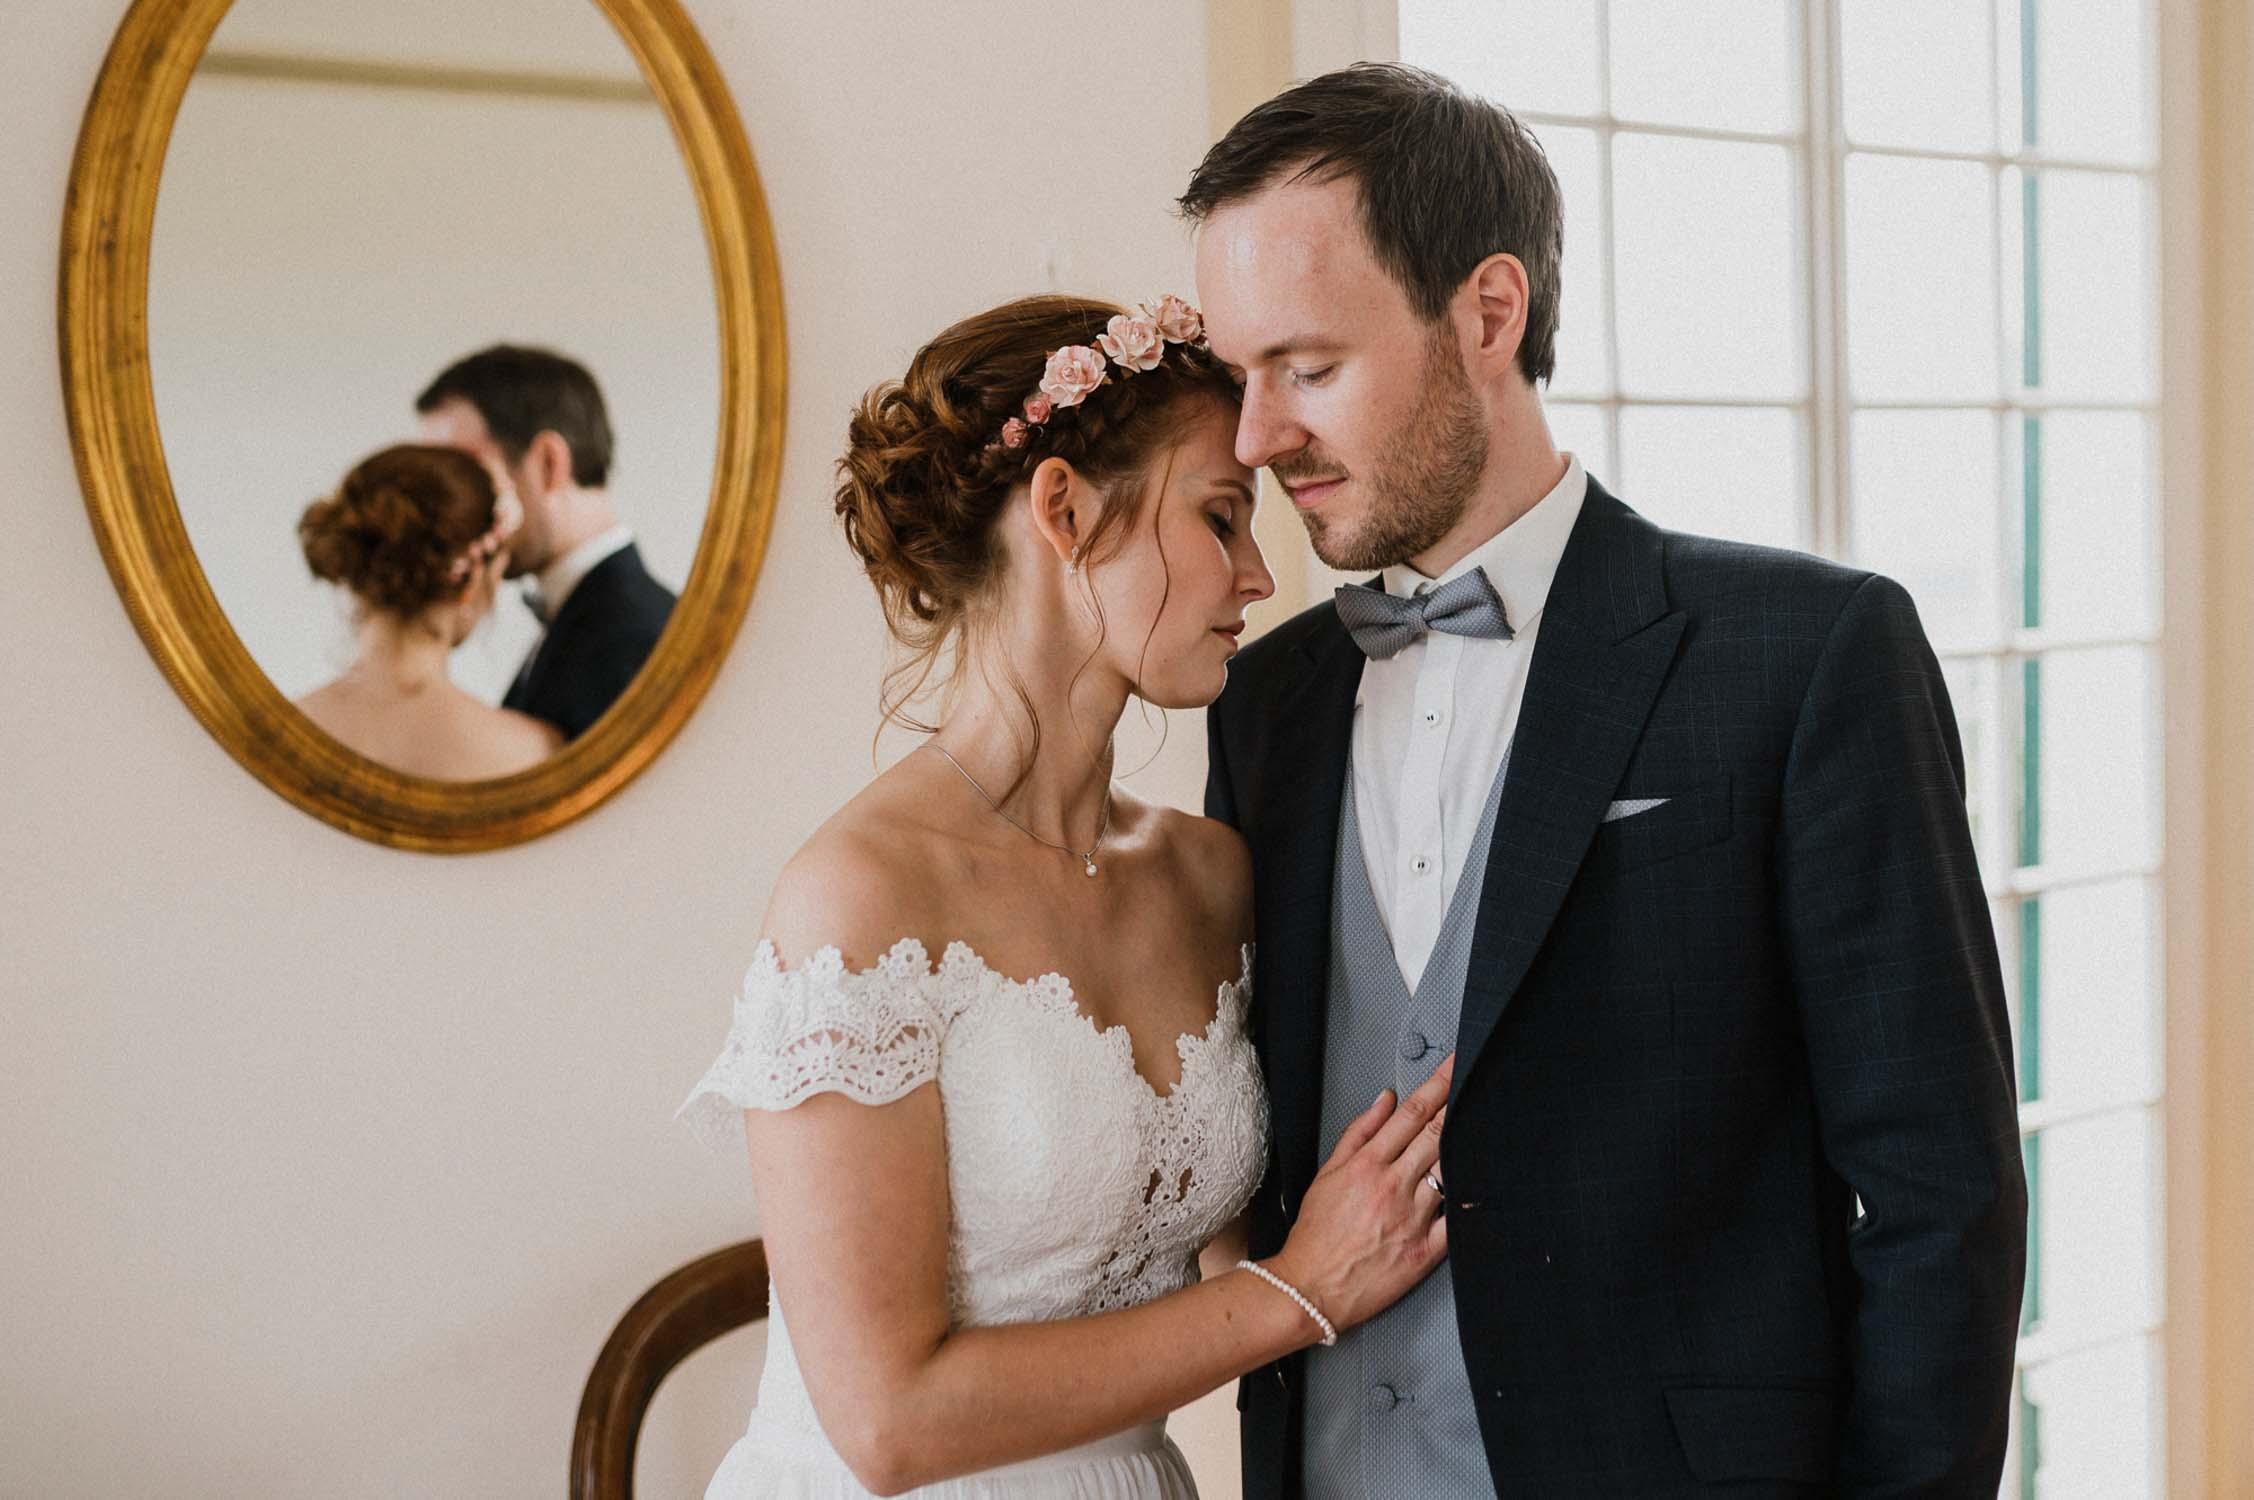 Hochzeitsfotografie,Hochzeitsfotos, Hochzeitsreportage, Bodensee, Österreich, Vorarlberg, Lichtenstein, Süddetuschland, Hochzeitsfotograf Michael Nussbaumer